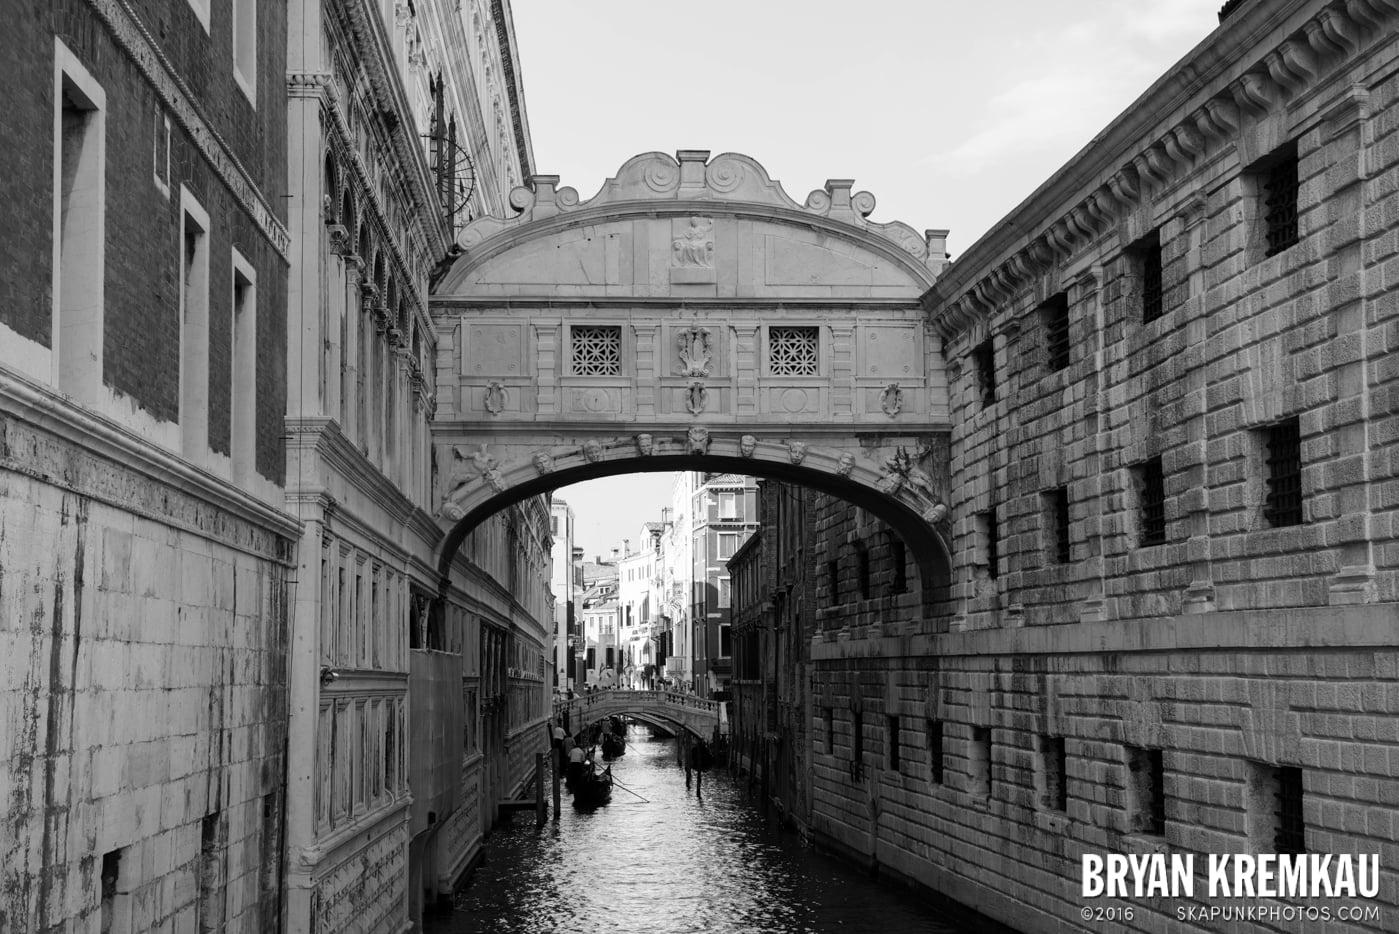 Italy Vacation - Day 5: Venice - 9.13.13 (36)